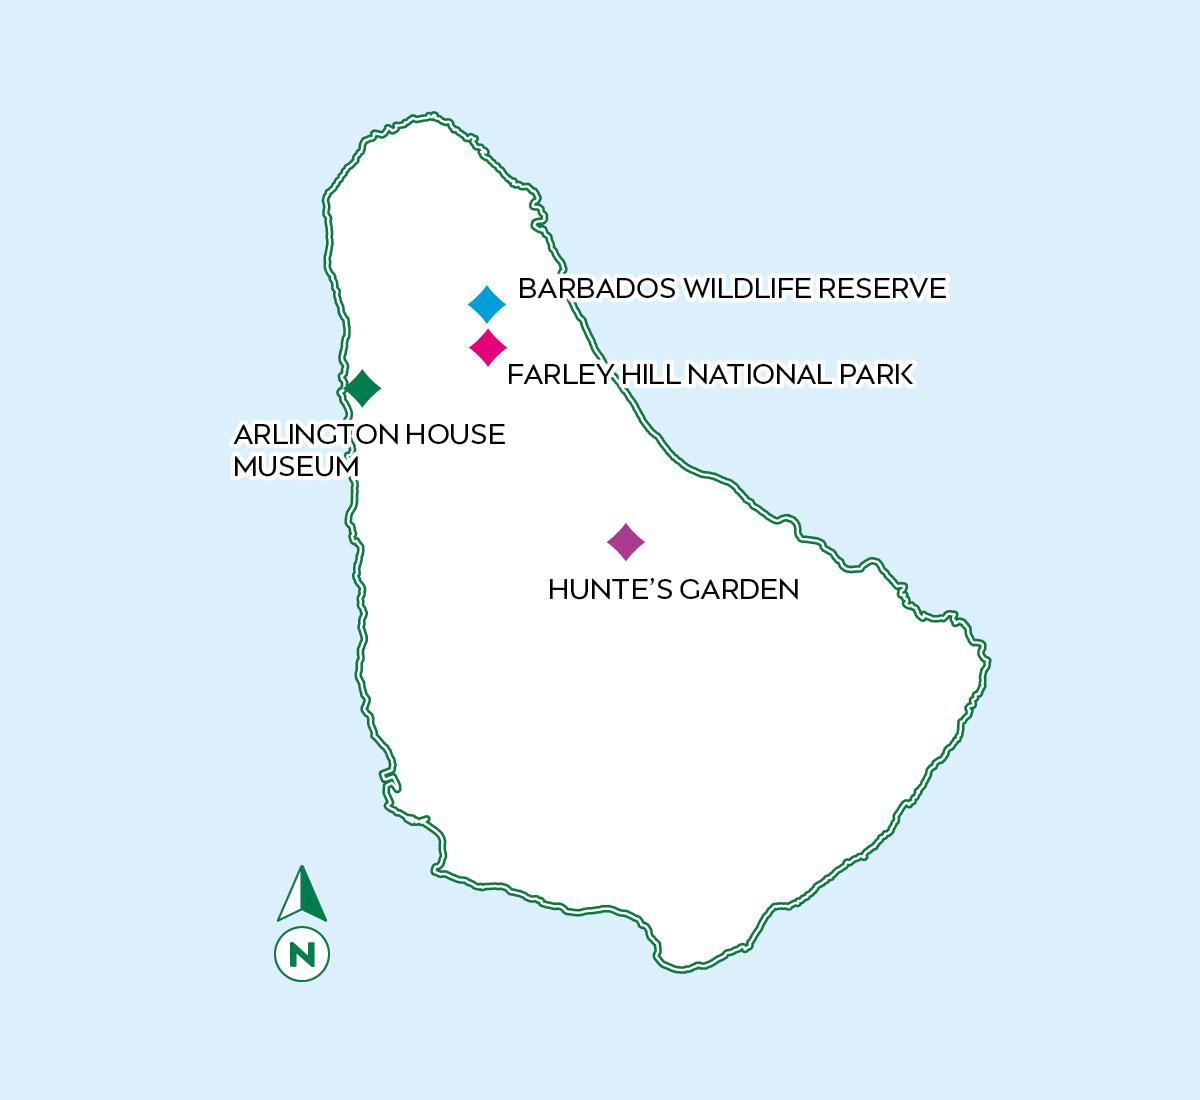 Barbados Half A Day Map